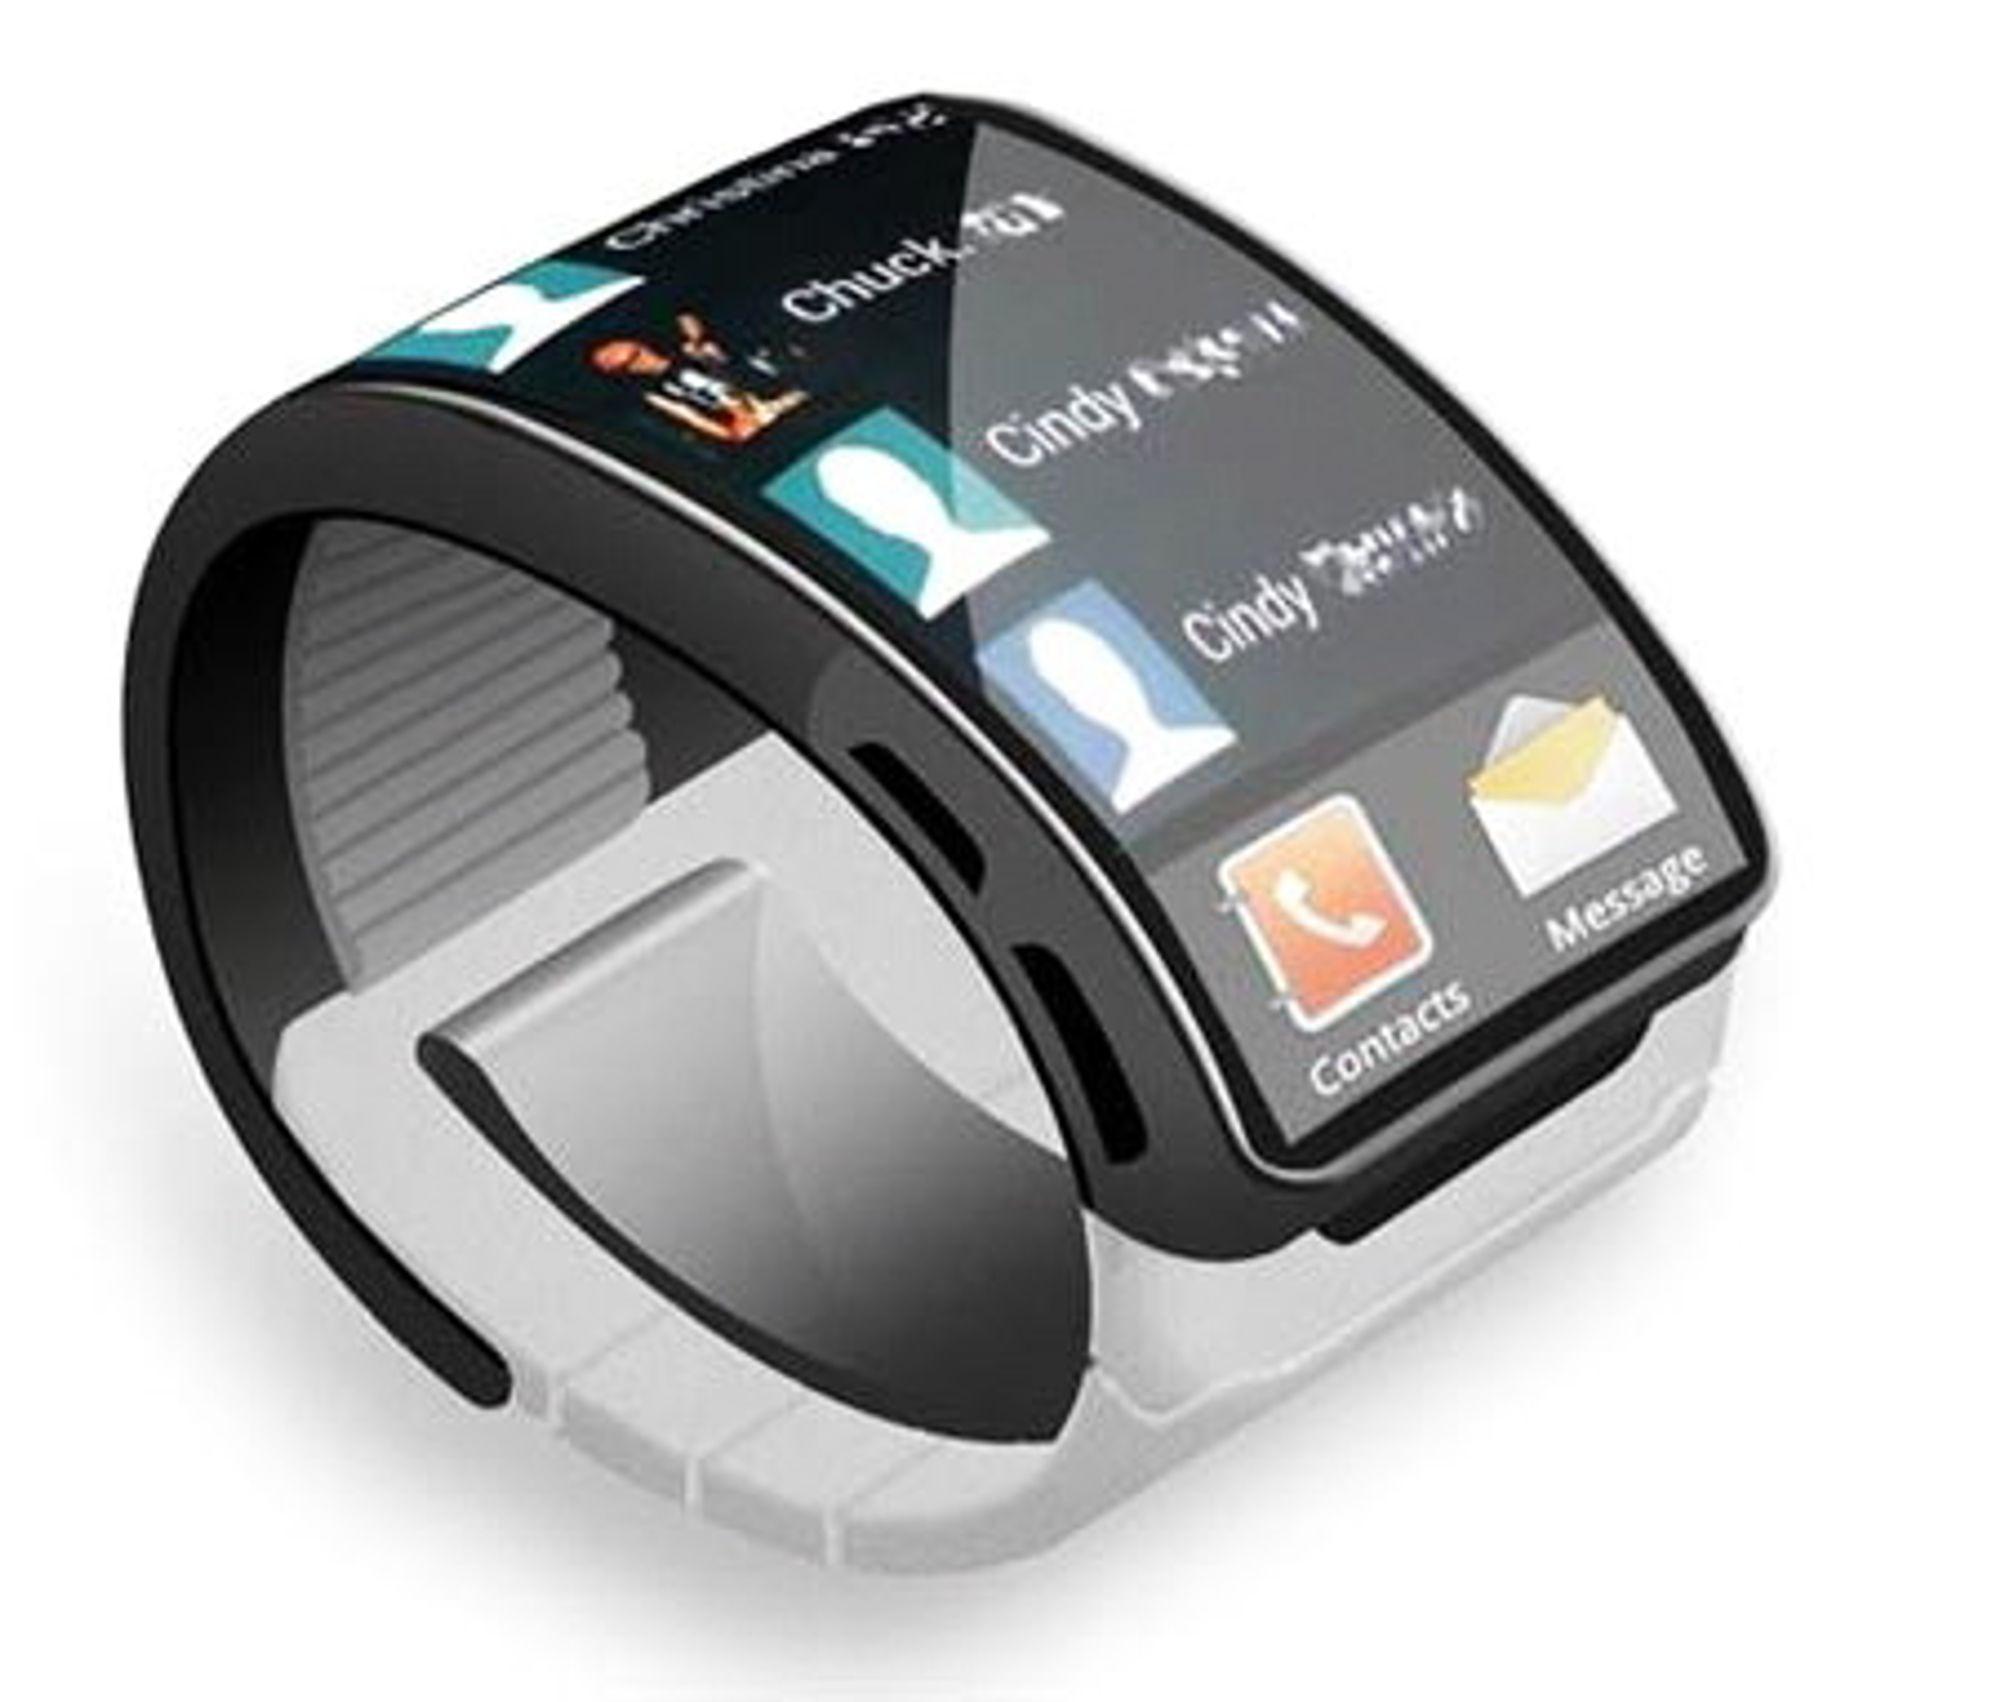 Er dette Samsung Galaxy Gear?Det har lekket ut en del informasjon om Samsungs kommende smartklokke basert på patentdokumenter. Slik kan den se ut med en fleksibel berøringsfølsom OLED-skjerm som dekker mye av omkretsen rundt håndleddet.